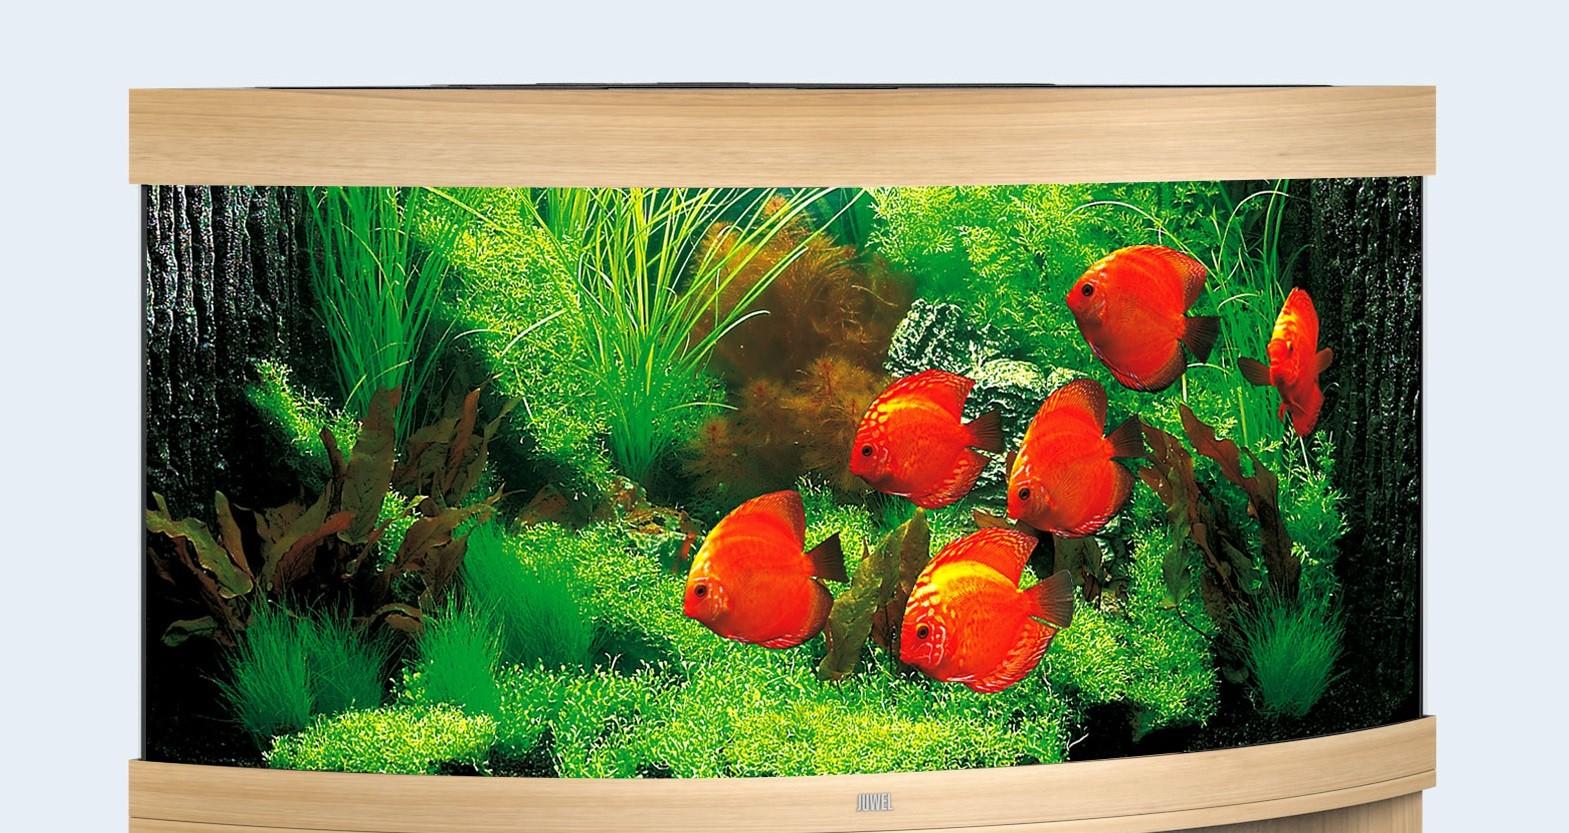 Juwel Trigon Akvarie 350 liter lyst træ med Ledlys